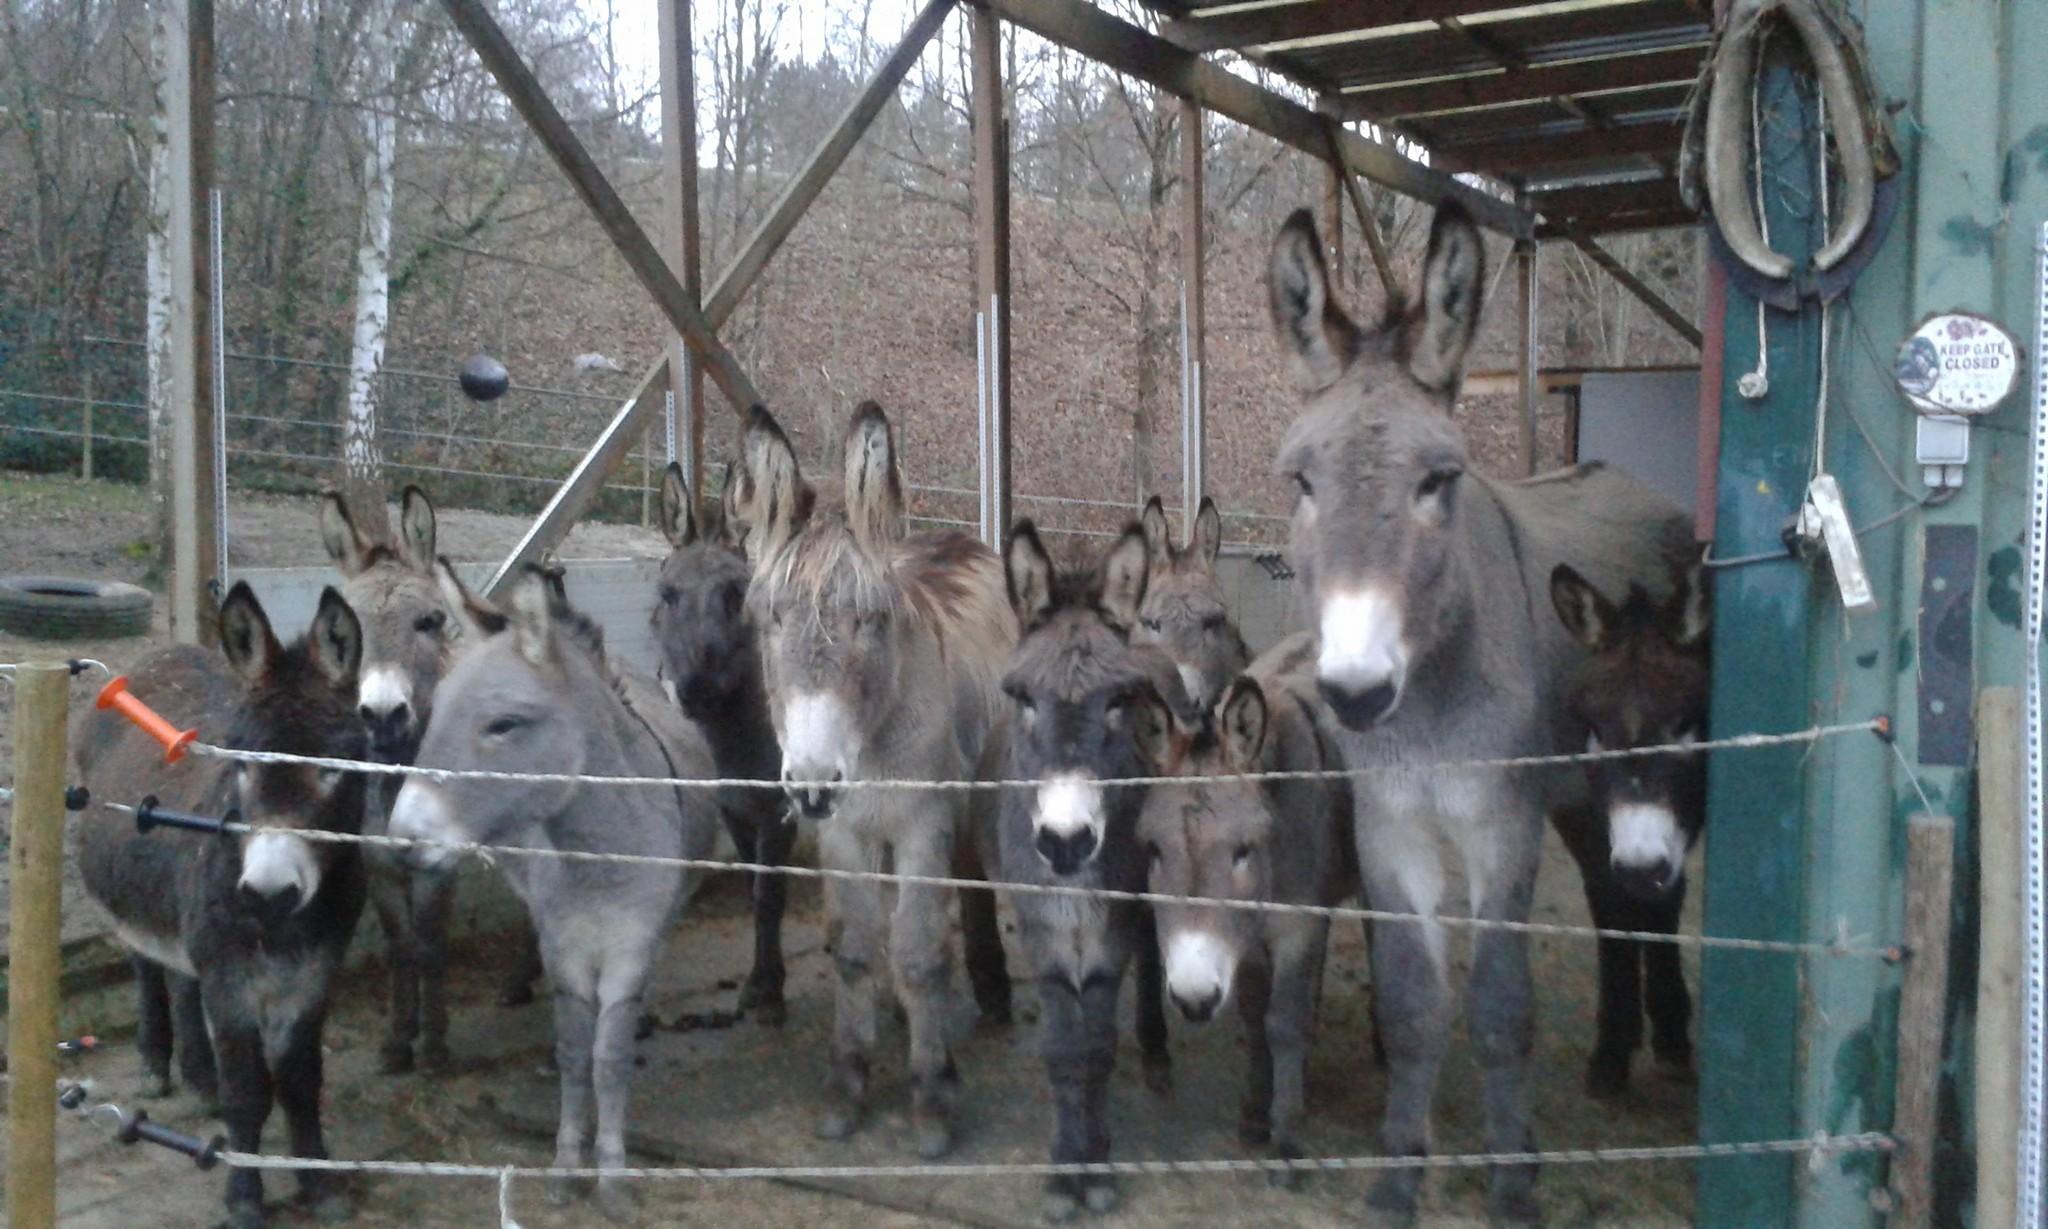 Onze ezels